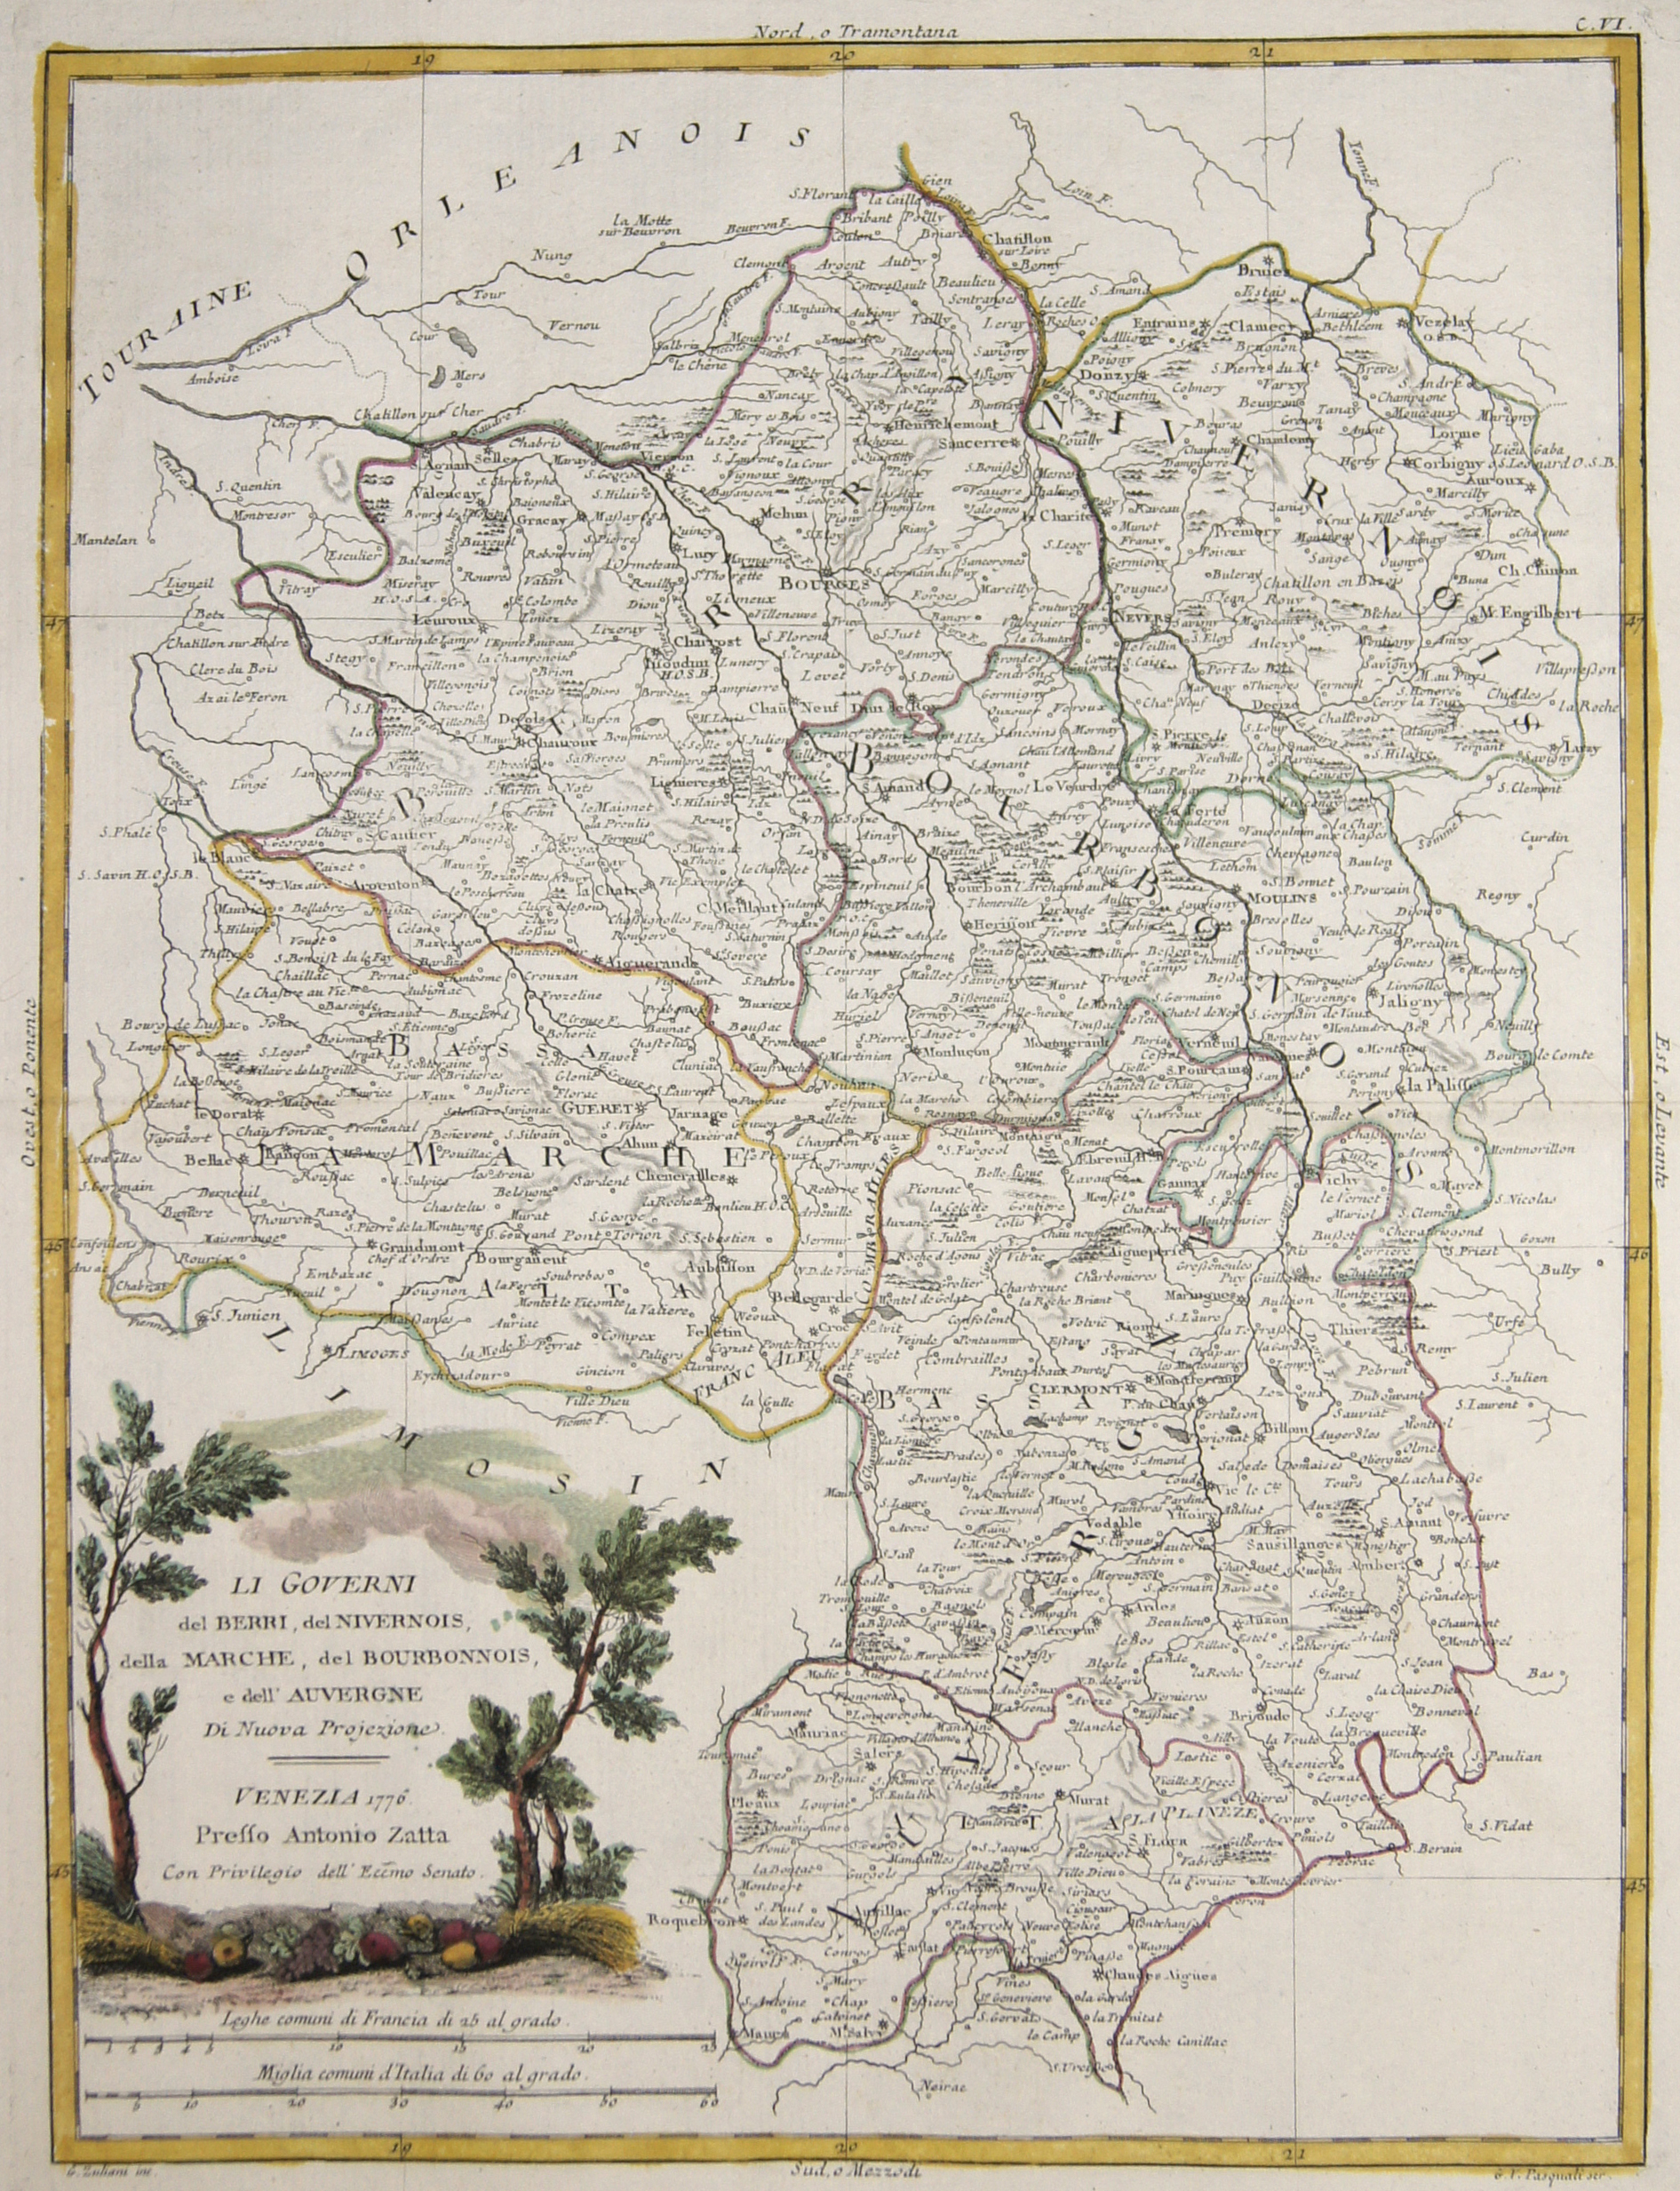 Zatta Antonio Li Governi del Berri, del Nivernois, della Marche, del Bourbonnois, e dell' Auvergne